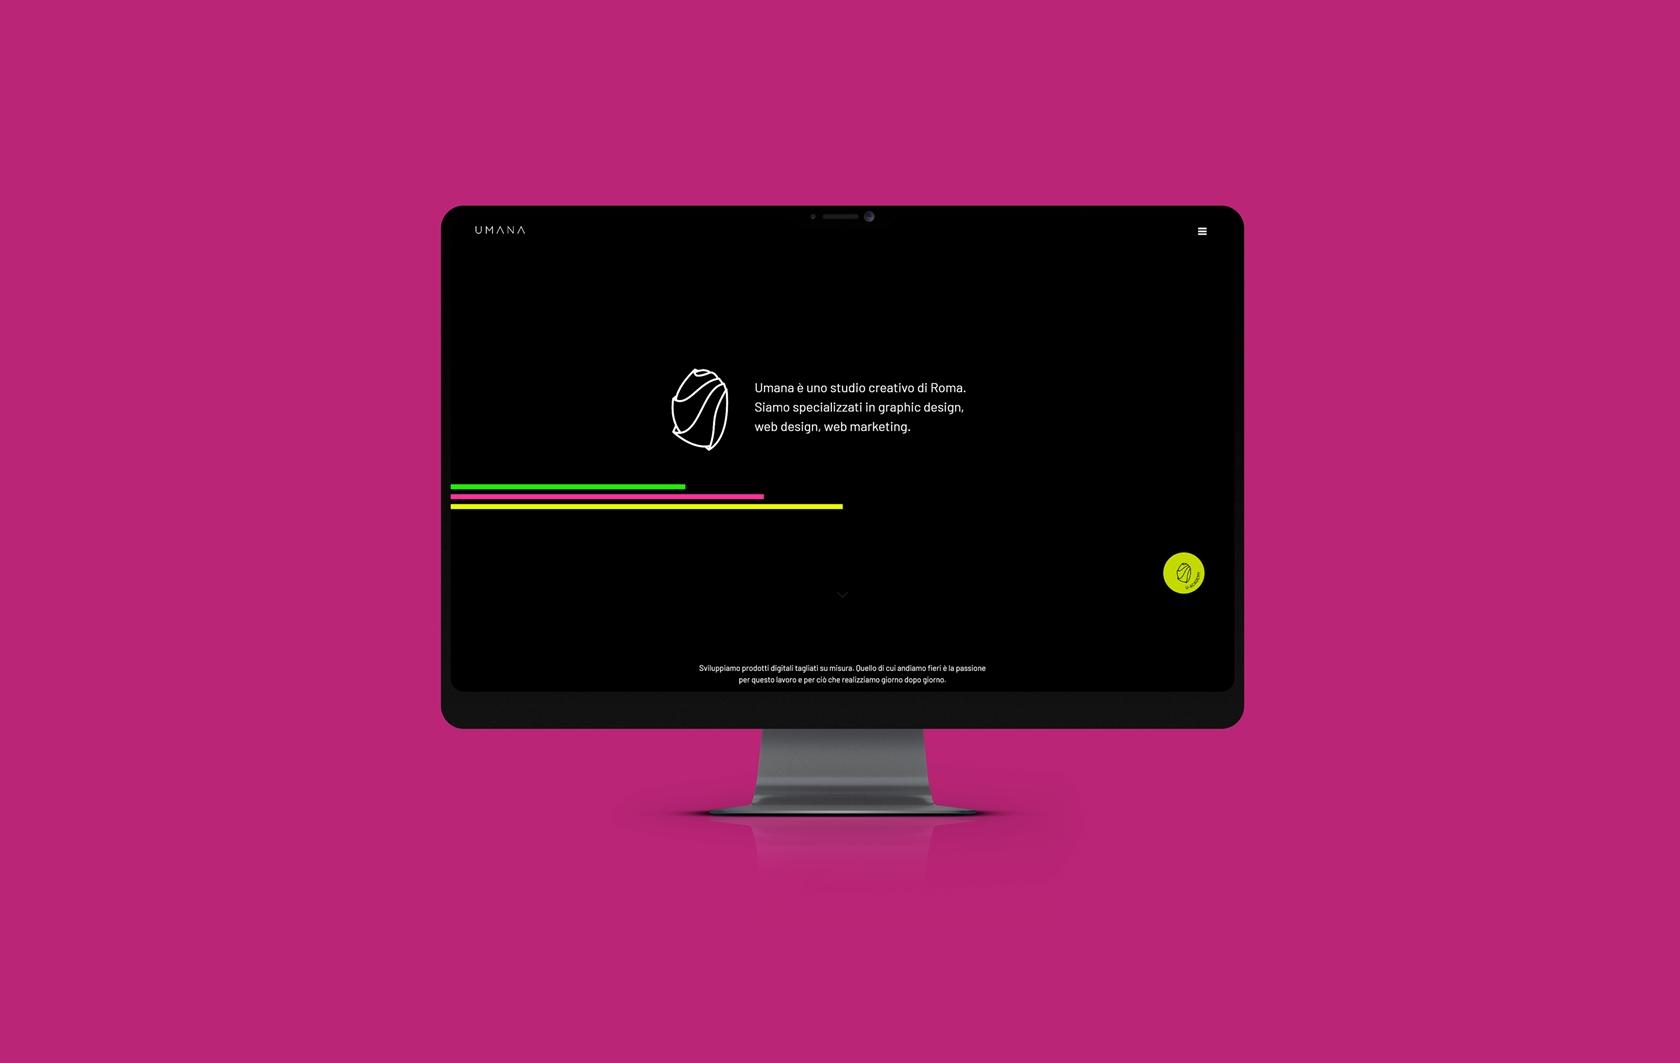 Umana Creative Studio - Sito.Express - Realizzazione siti web per agenzia creativa  - Roma